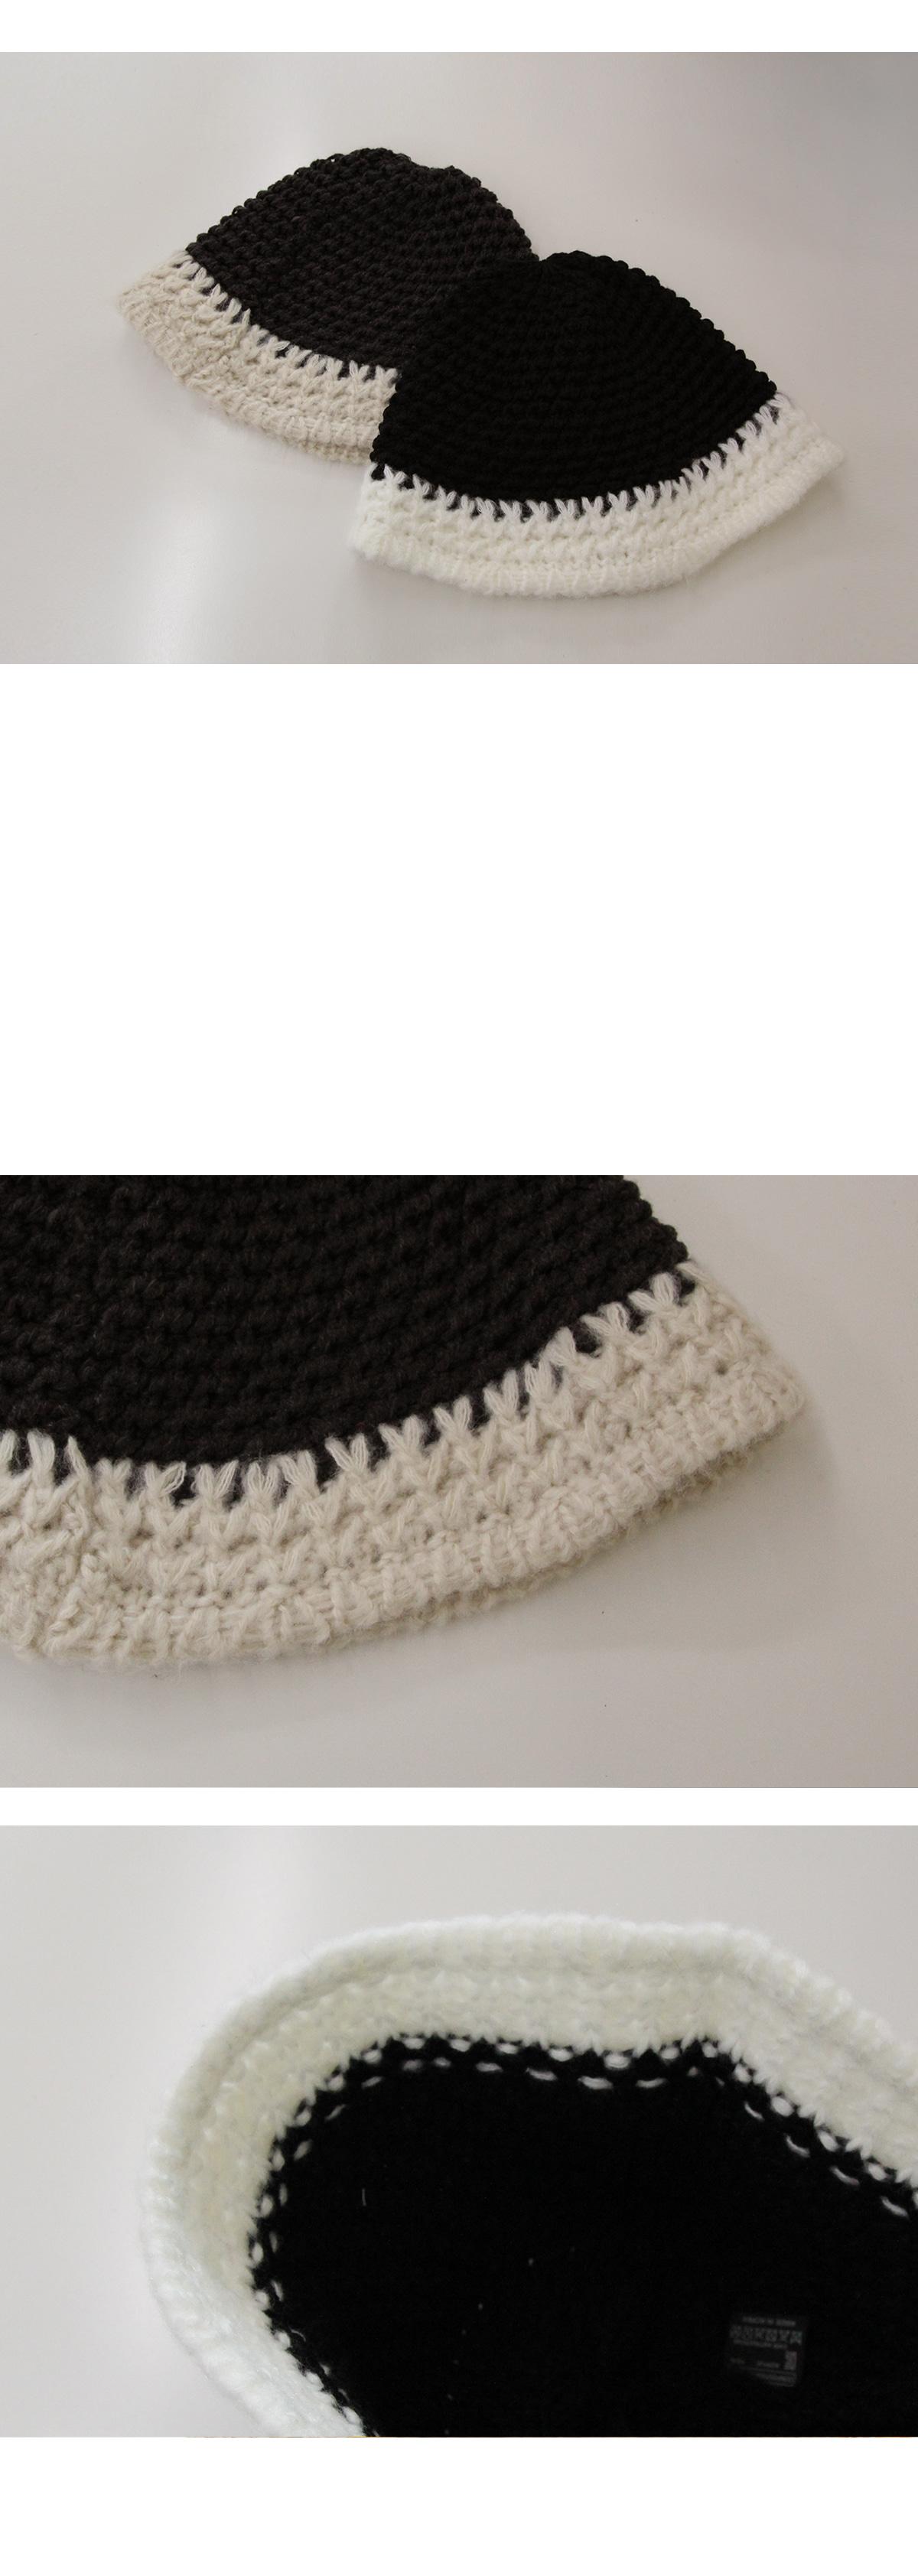 Camellia hat